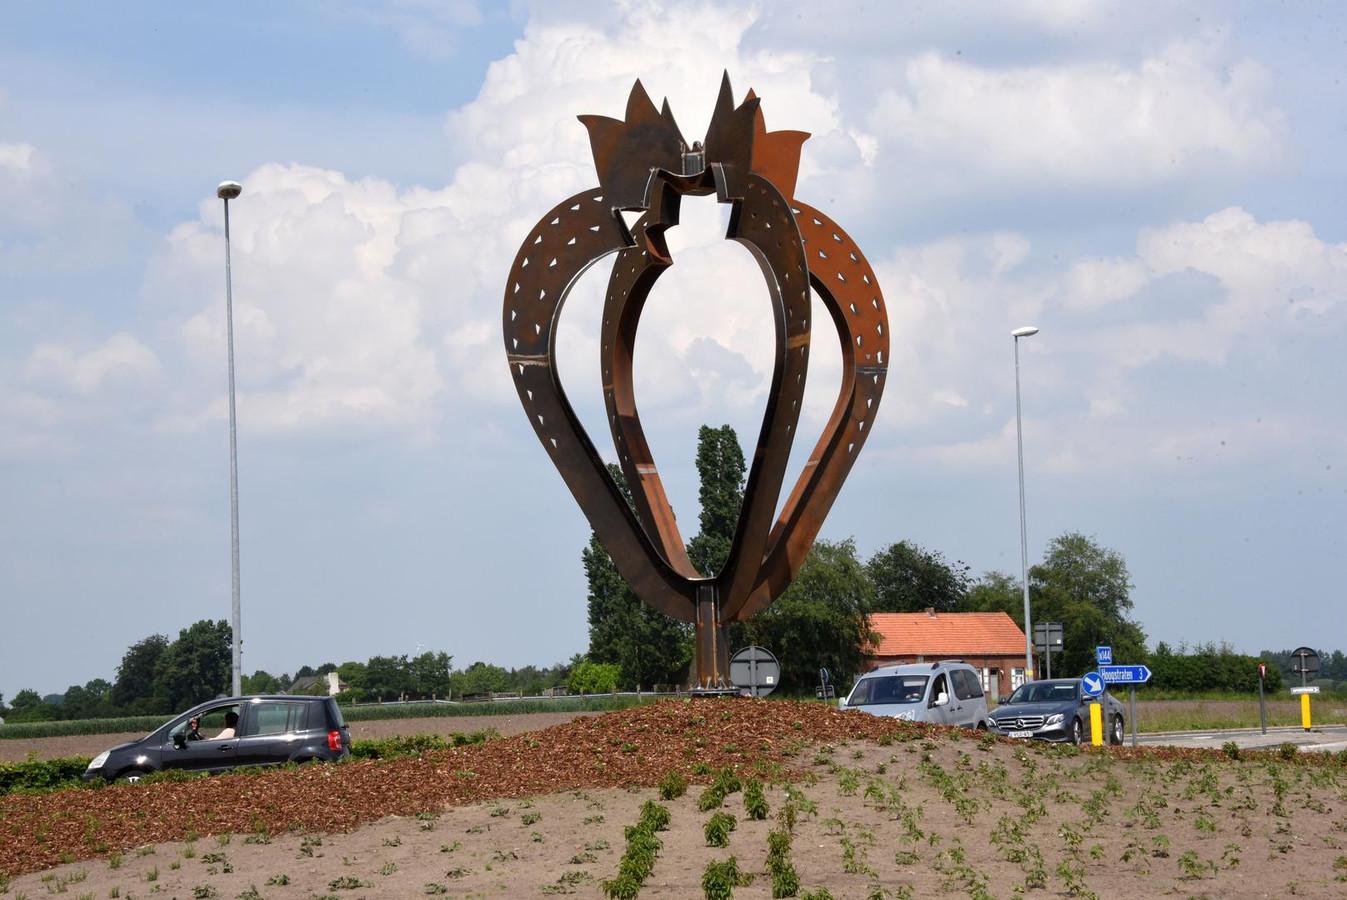 De Loenhoutseweg. Op deze rotonde prijkt een kunstwerk van een reusachtige aardbei.